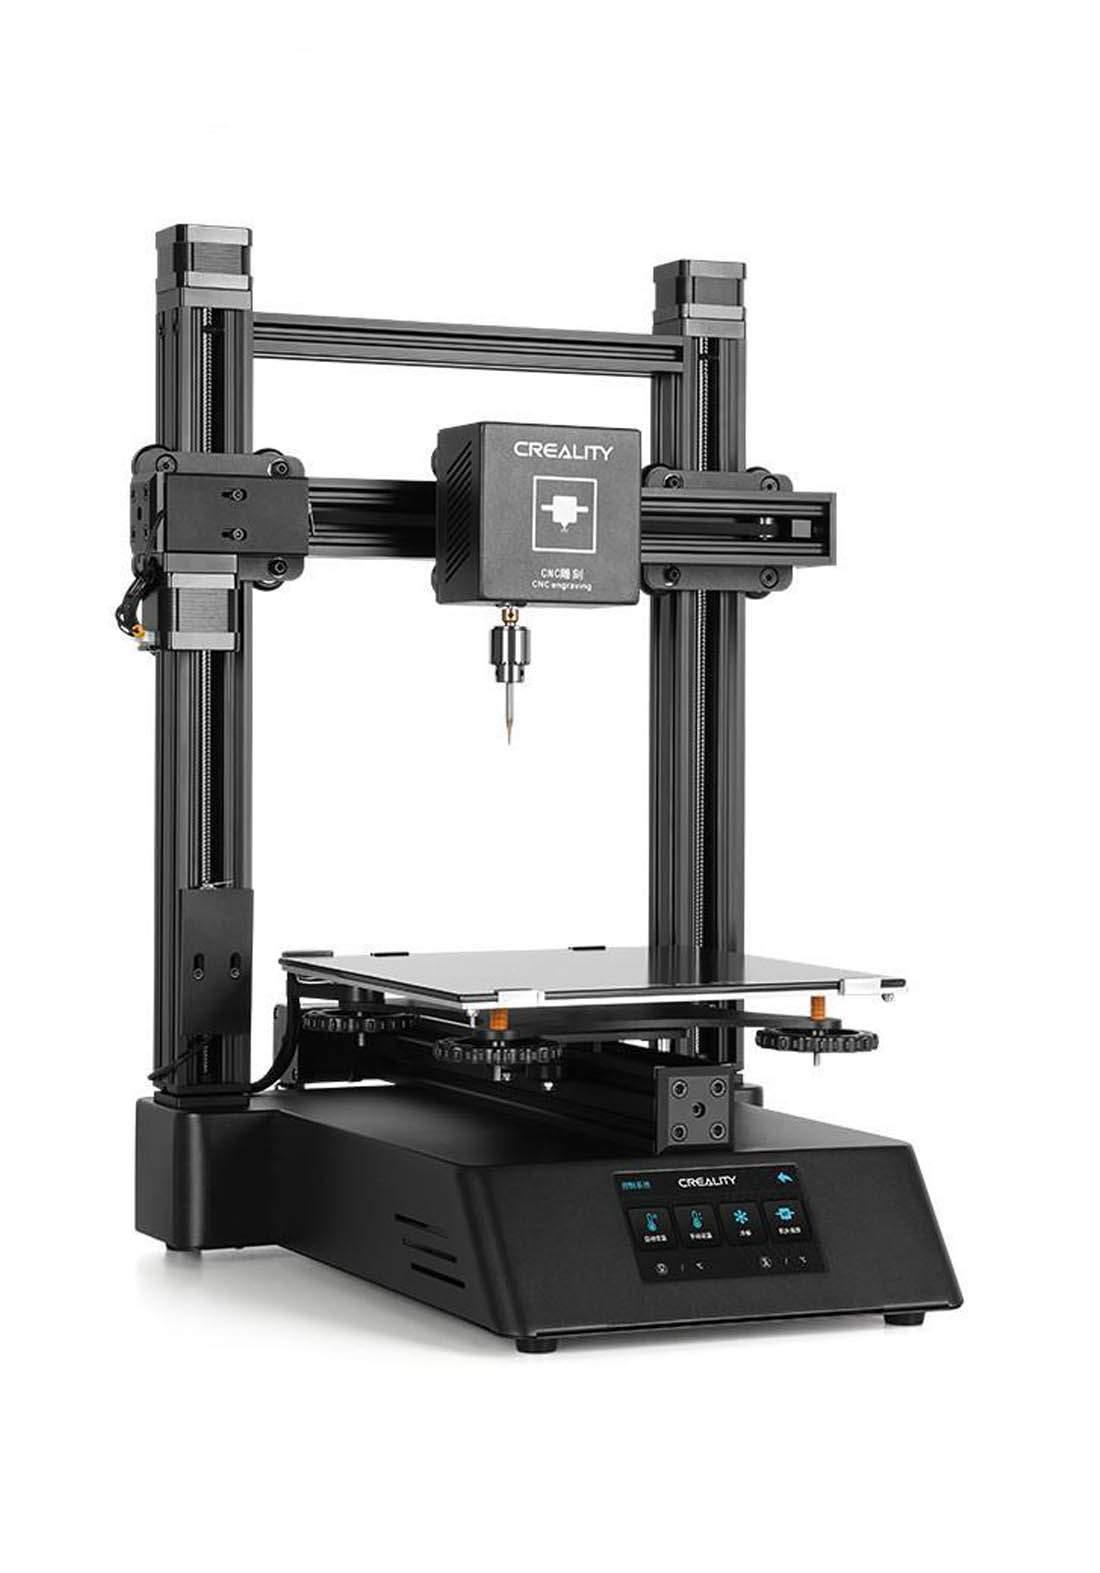 Creality CP-01 3D Printer طابعة ثلاثية الابعاد